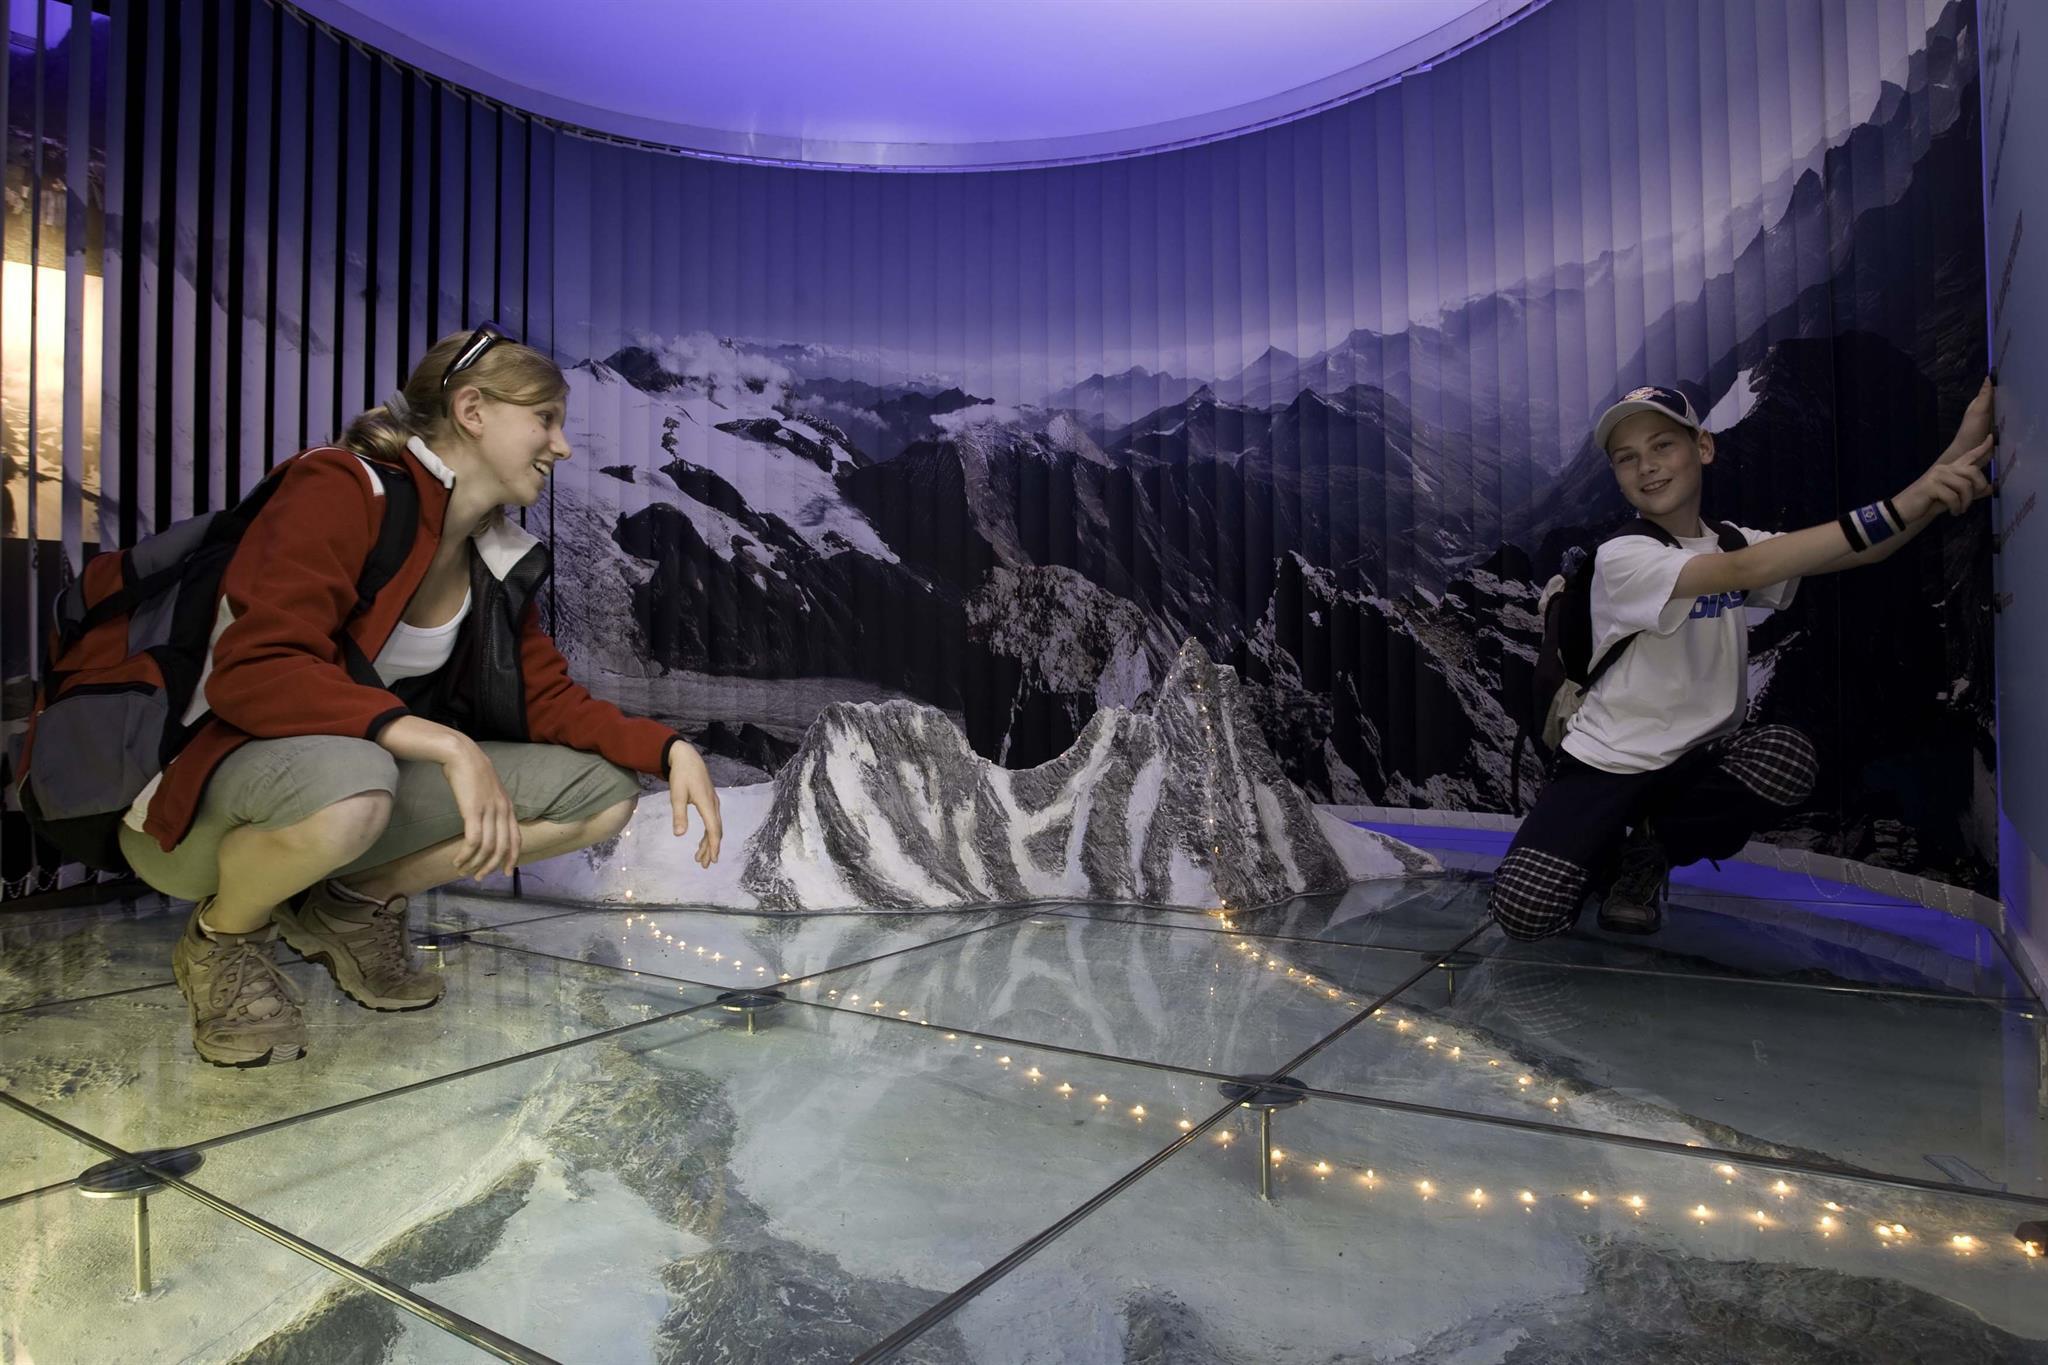 Ausstellung-Im-Banne-des-Grossglockners.jpg